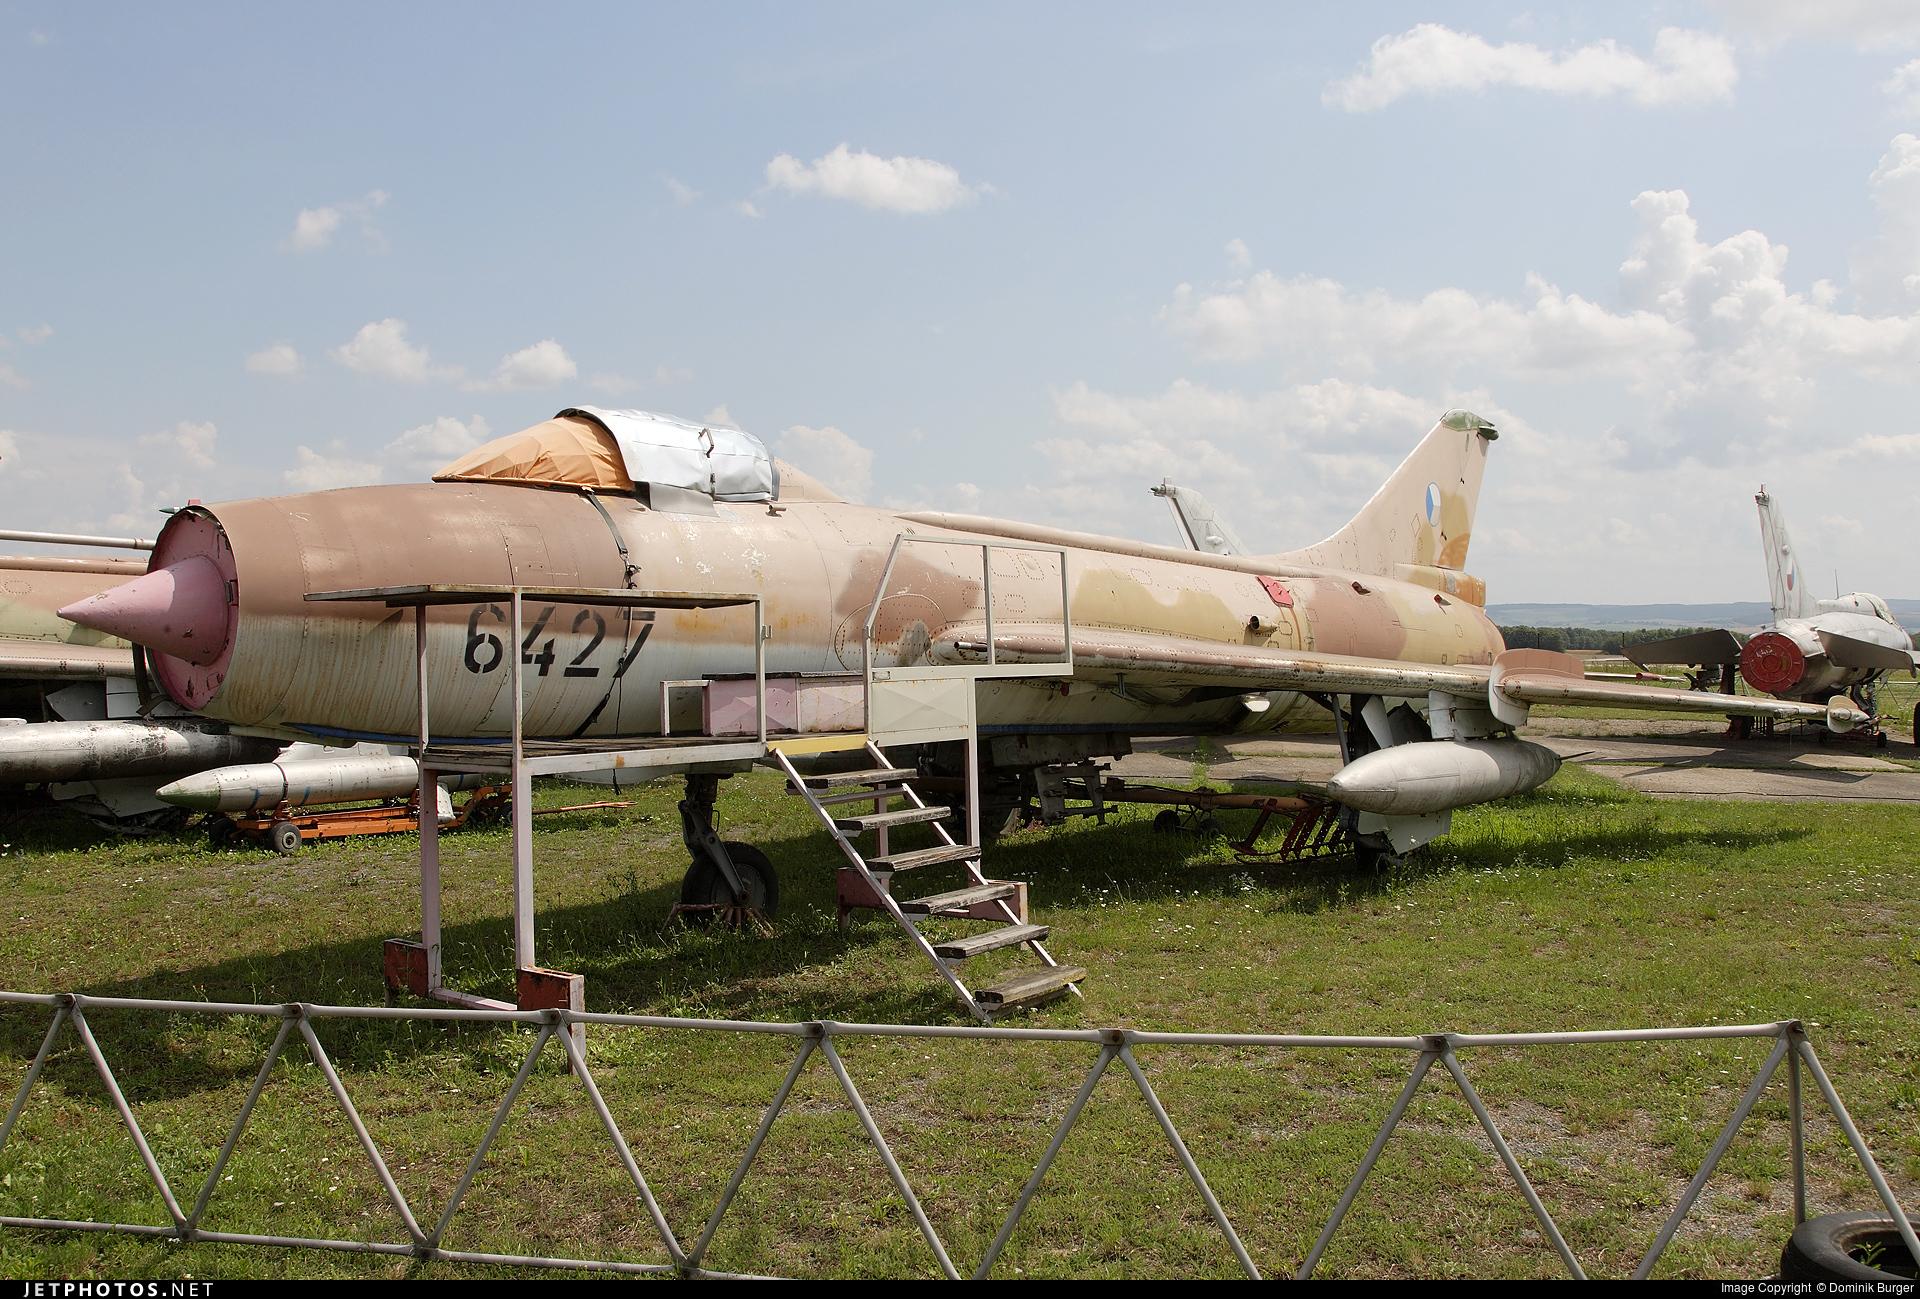 6427 - Sukhoi Su-7BKL Fitter A - Czech Republic - Air Force